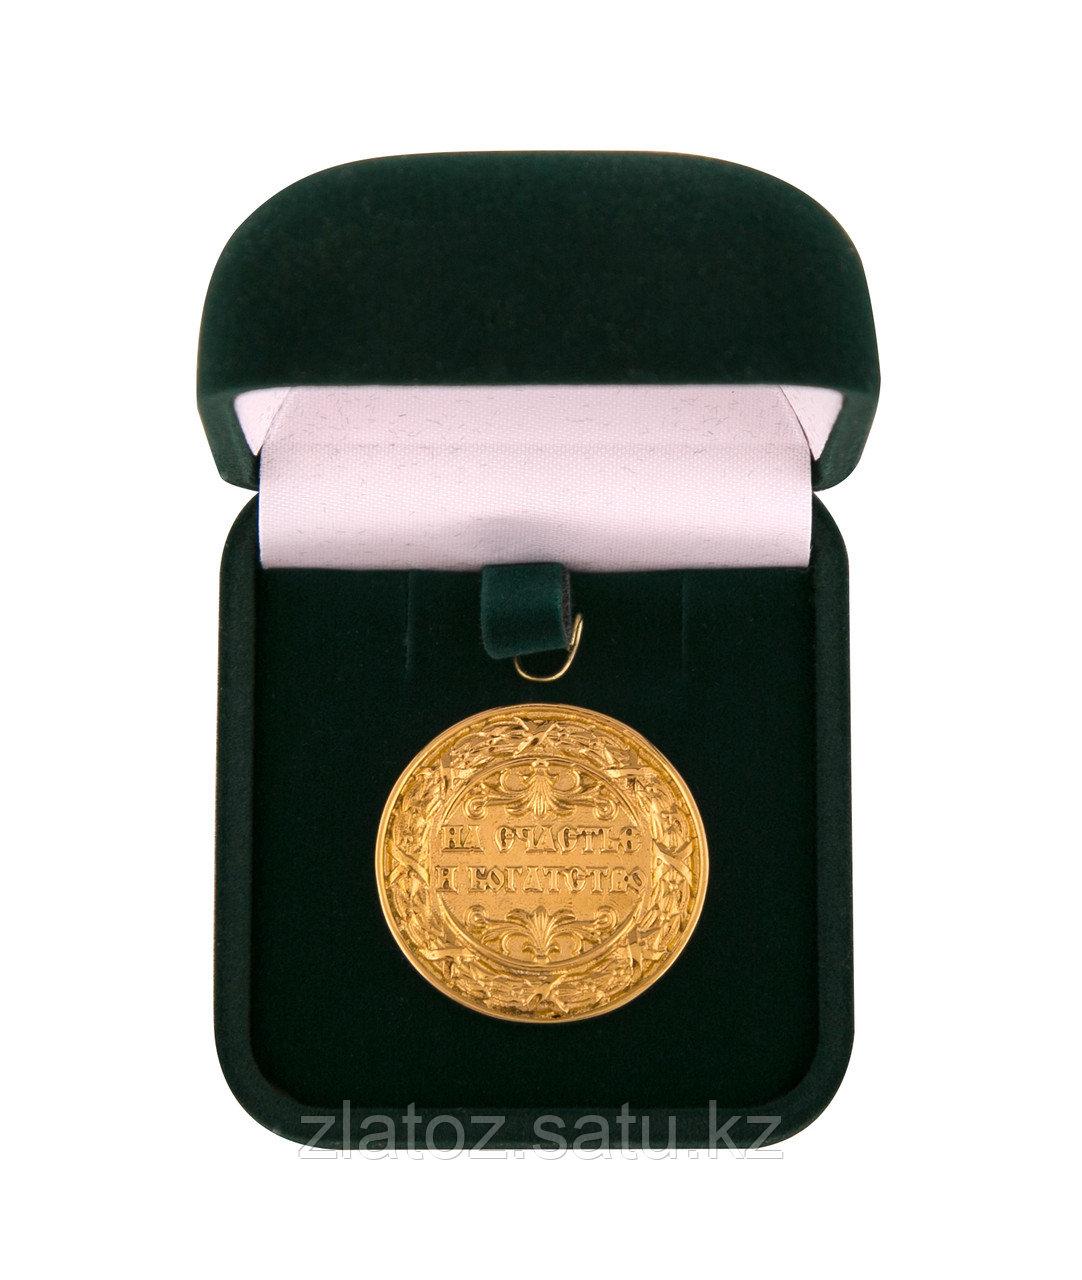 """Сувенир монета """"На счастье и богатство"""" - Купить в Казахстане - фото 3"""